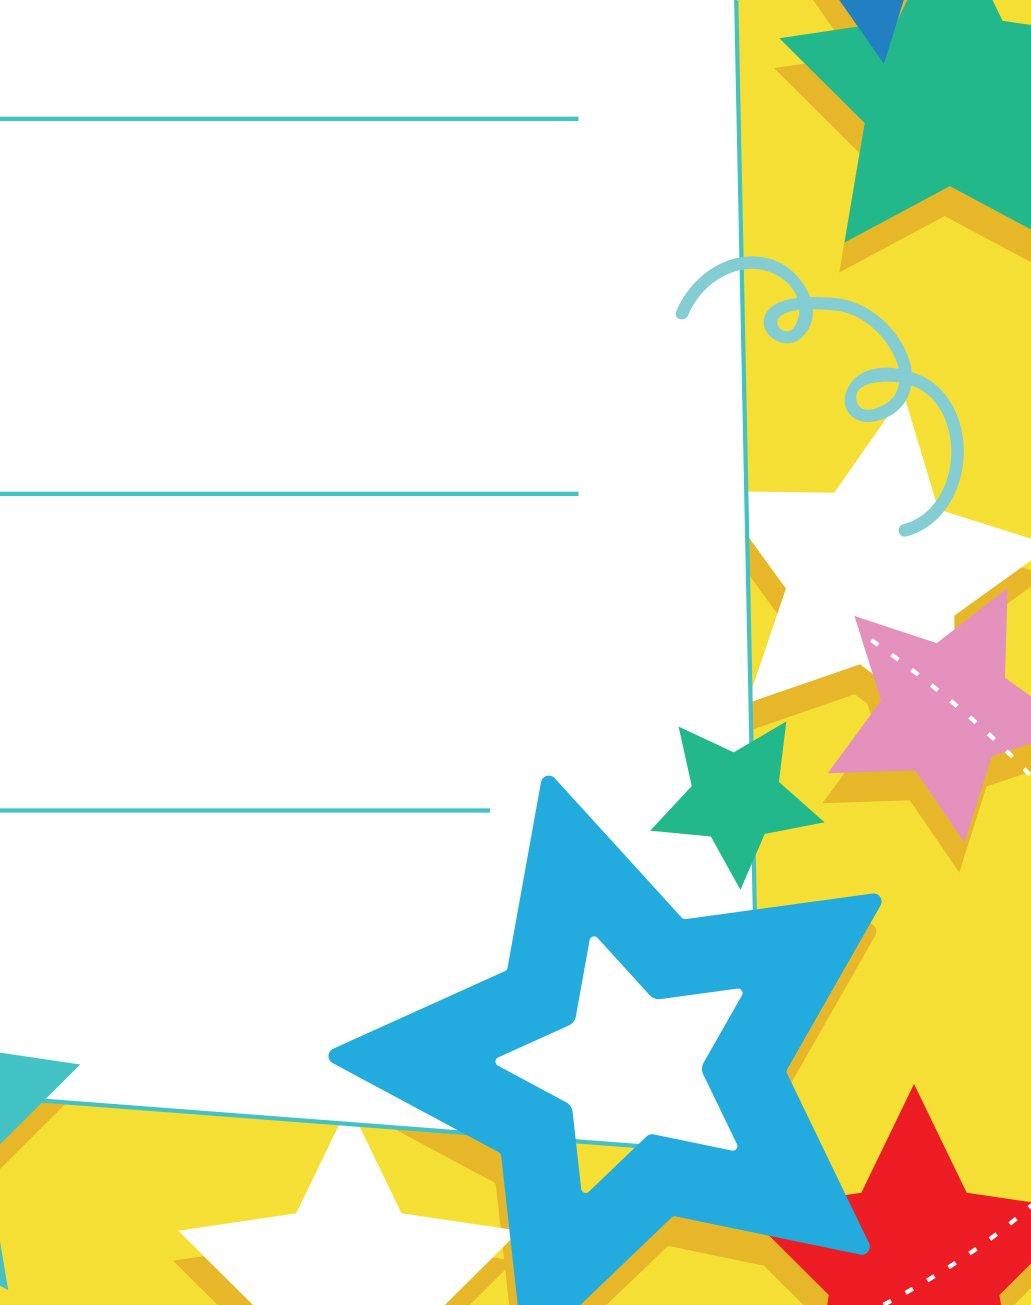 Children Completion Certificate Paper Ideal for Teachers Kindergarten Certificates 8.5 x 11 Inches 60-Pack Kindergarten Diplomas Schools